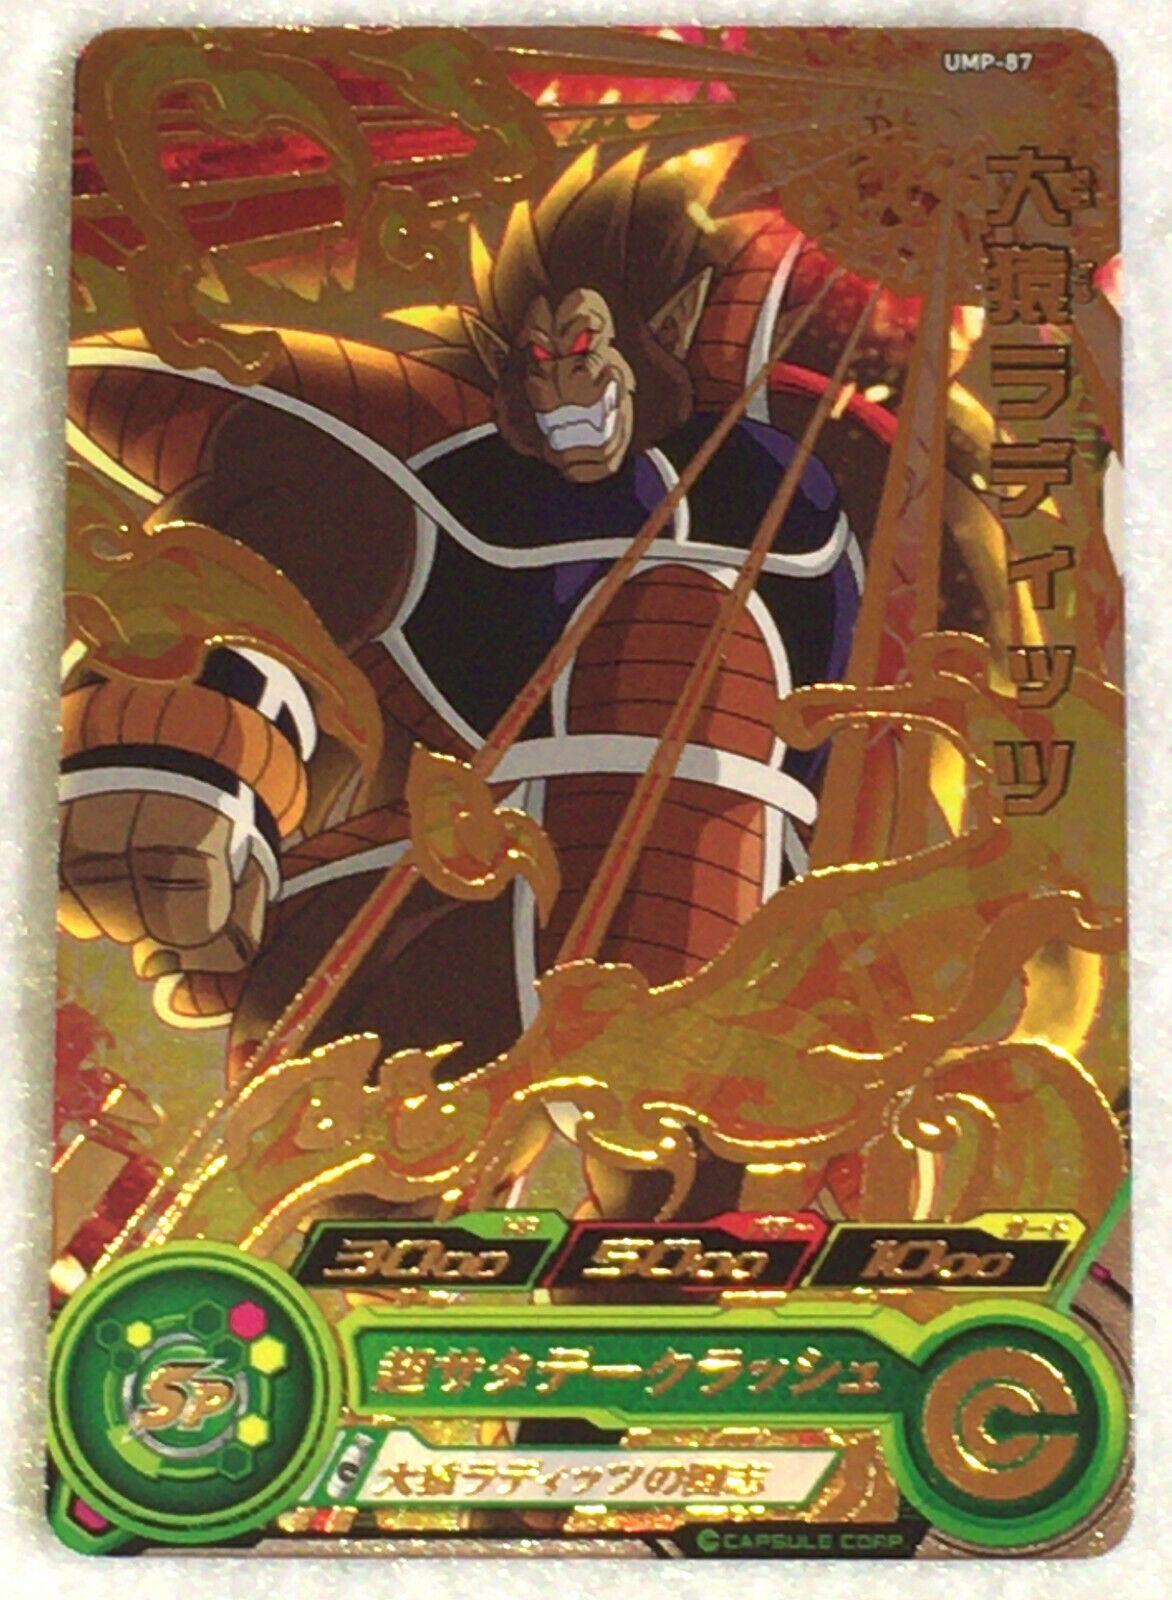 Super Dragon Ball Heroes UM10-042 Broly Dark UR Trading Card Bandai Japan 2019